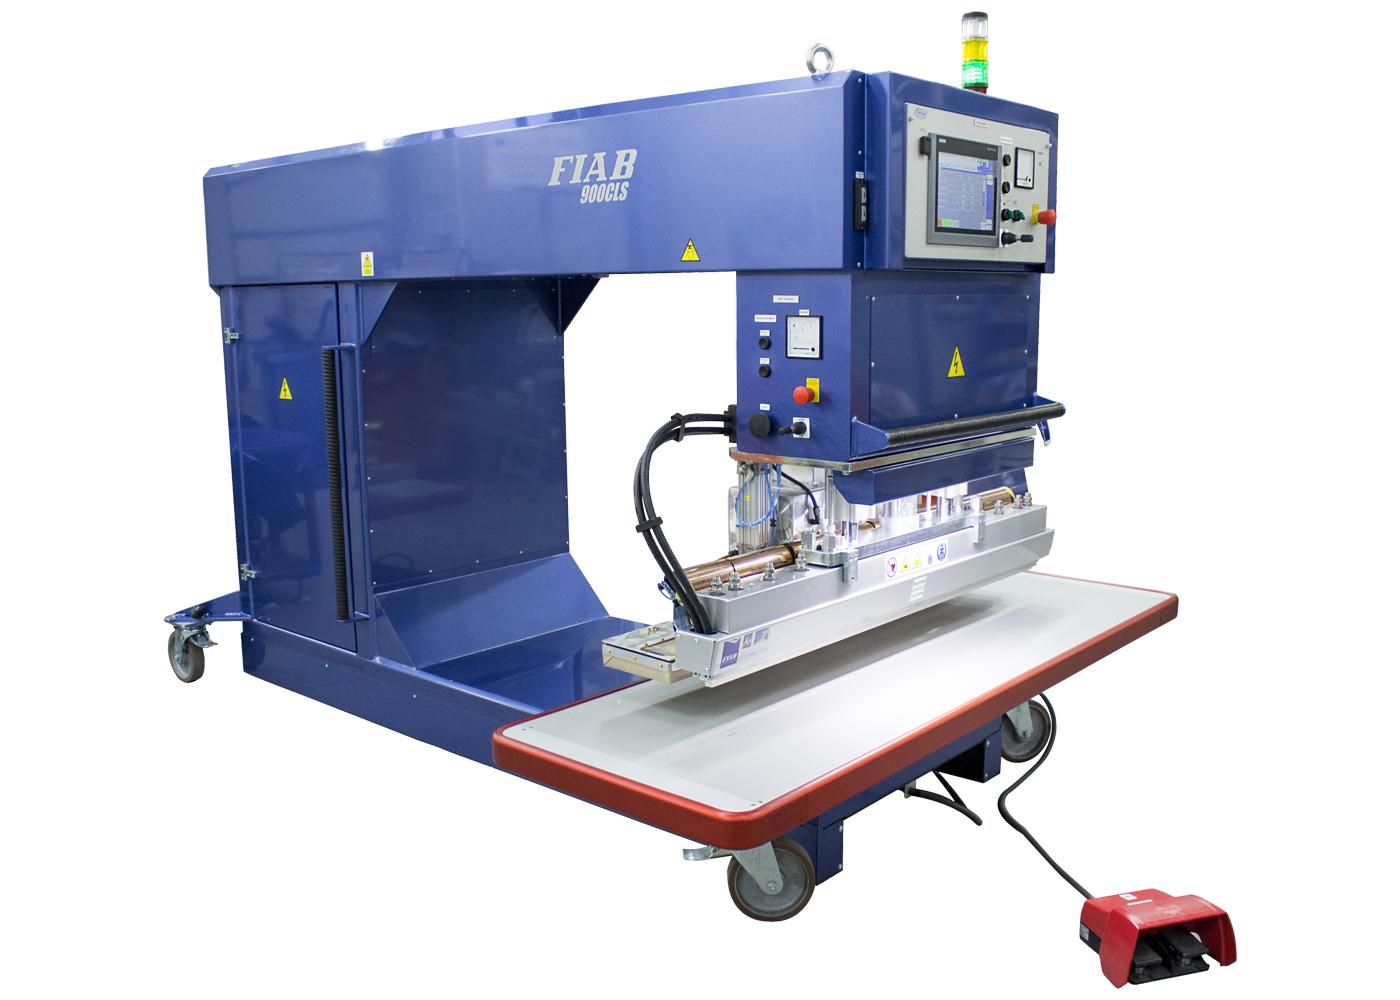 FIAB 900 CLS